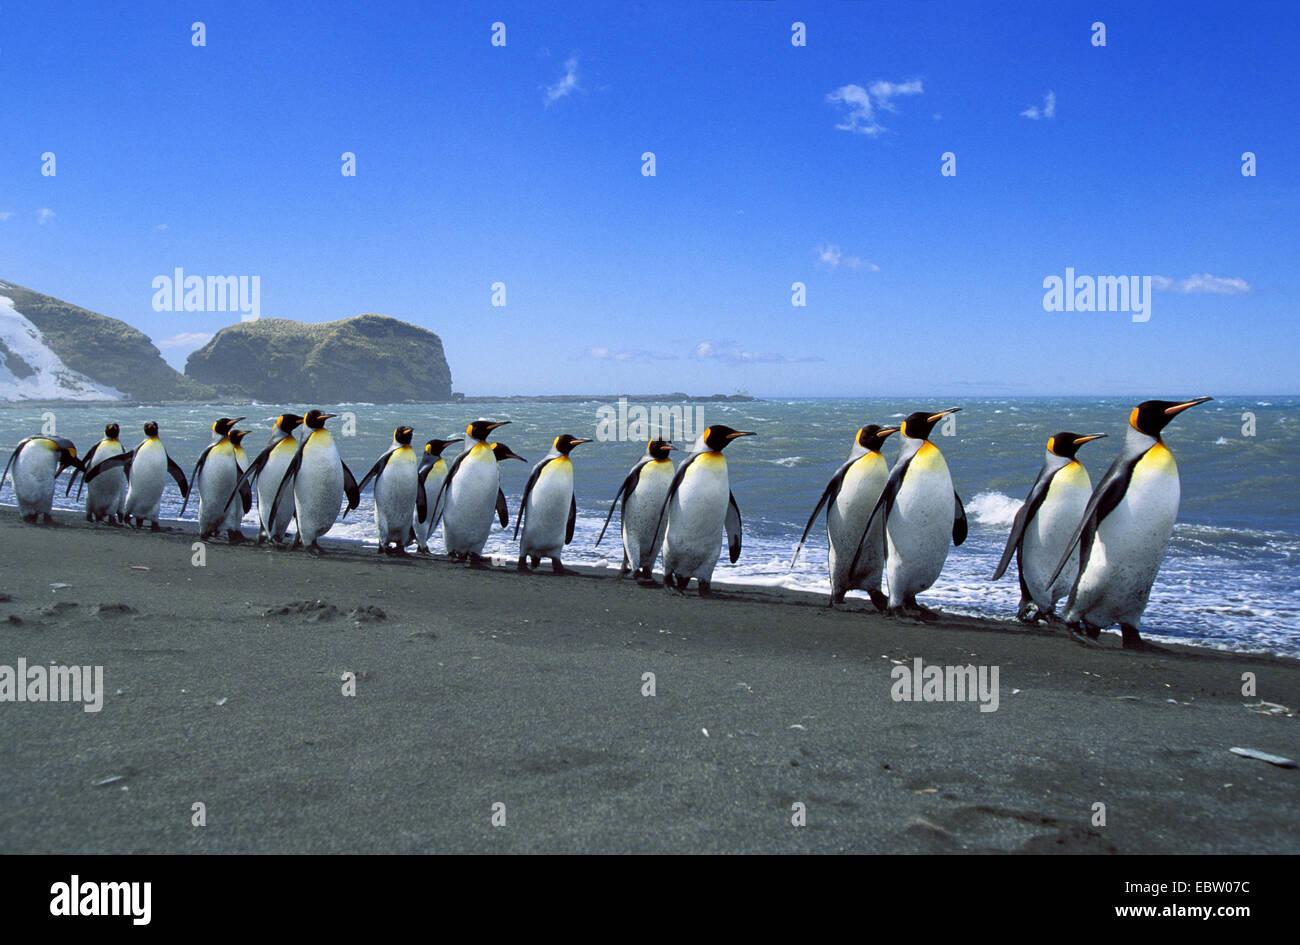 Pinguino reale (Aptenodytes patagonicus), Re pinguini schierate, Suedgeorgien Immagini Stock